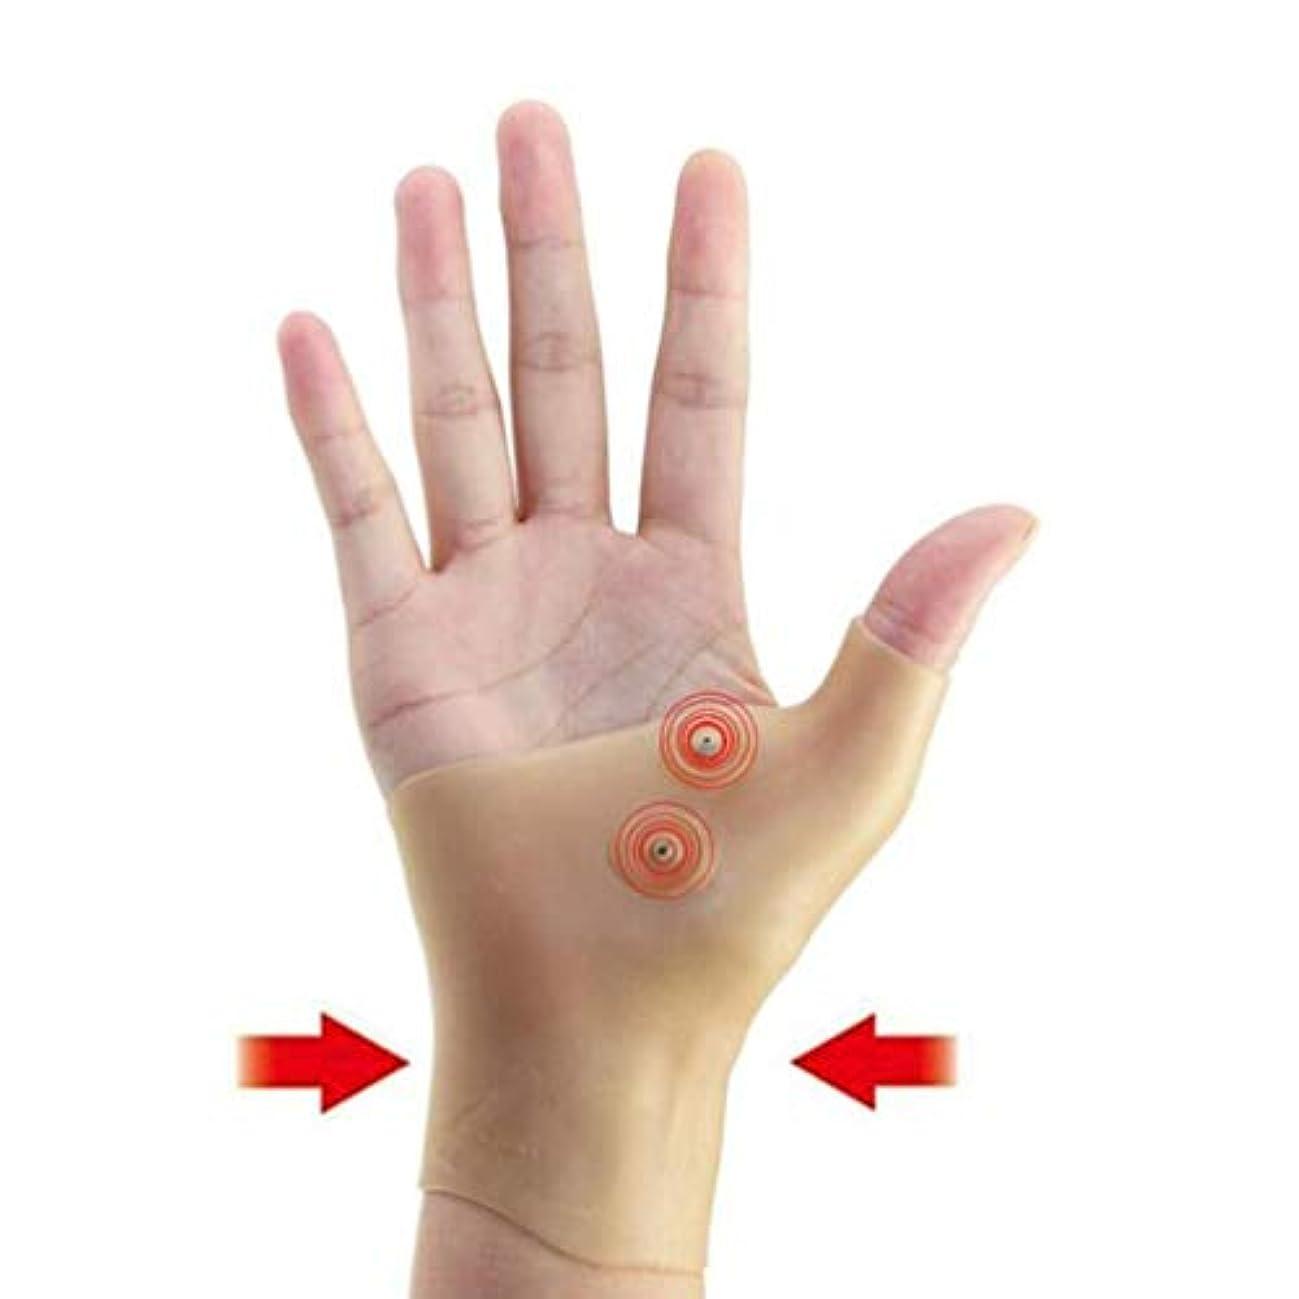 ニッケル誤解を招く害虫磁気療法手首手親指サポート手袋シリコーンゲル関節炎圧力矯正器マッサージ痛み緩和手袋 - 肌の色